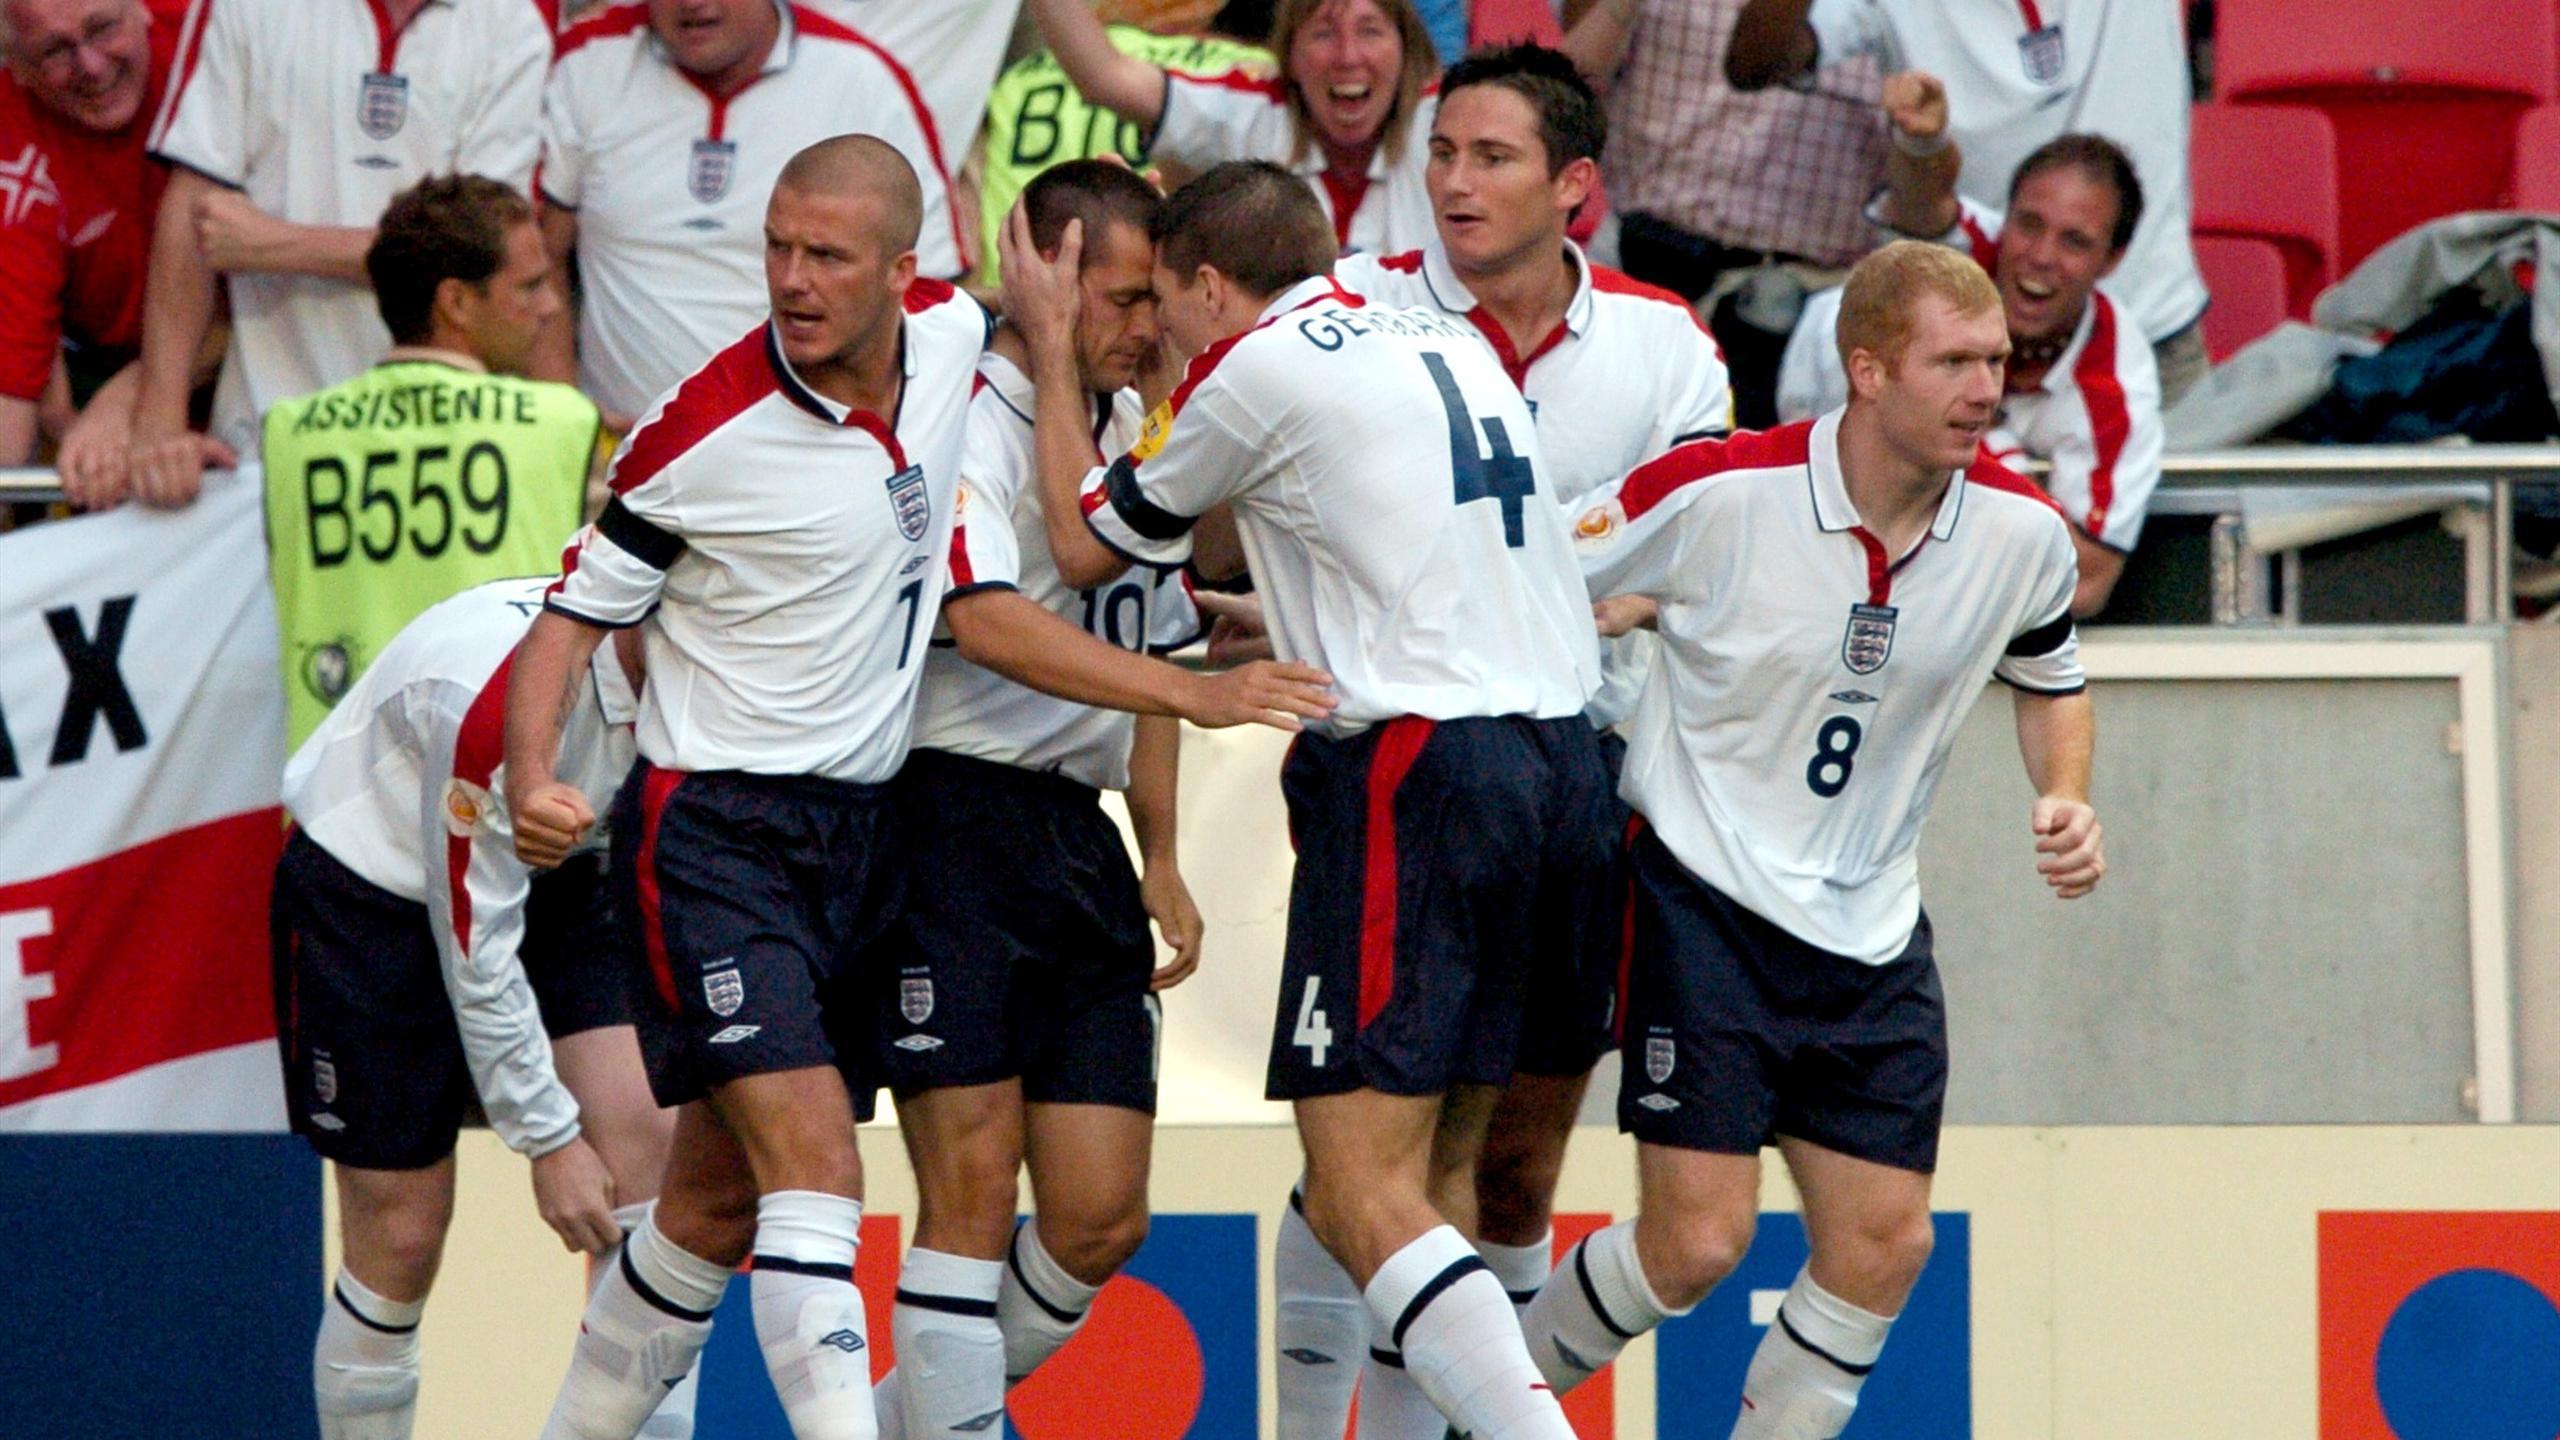 England's David Beckham, Frank Lampard, Wayne Rooney, Paul Scholes and Steven Gerrard congratulate Michael Owen on his opening goal